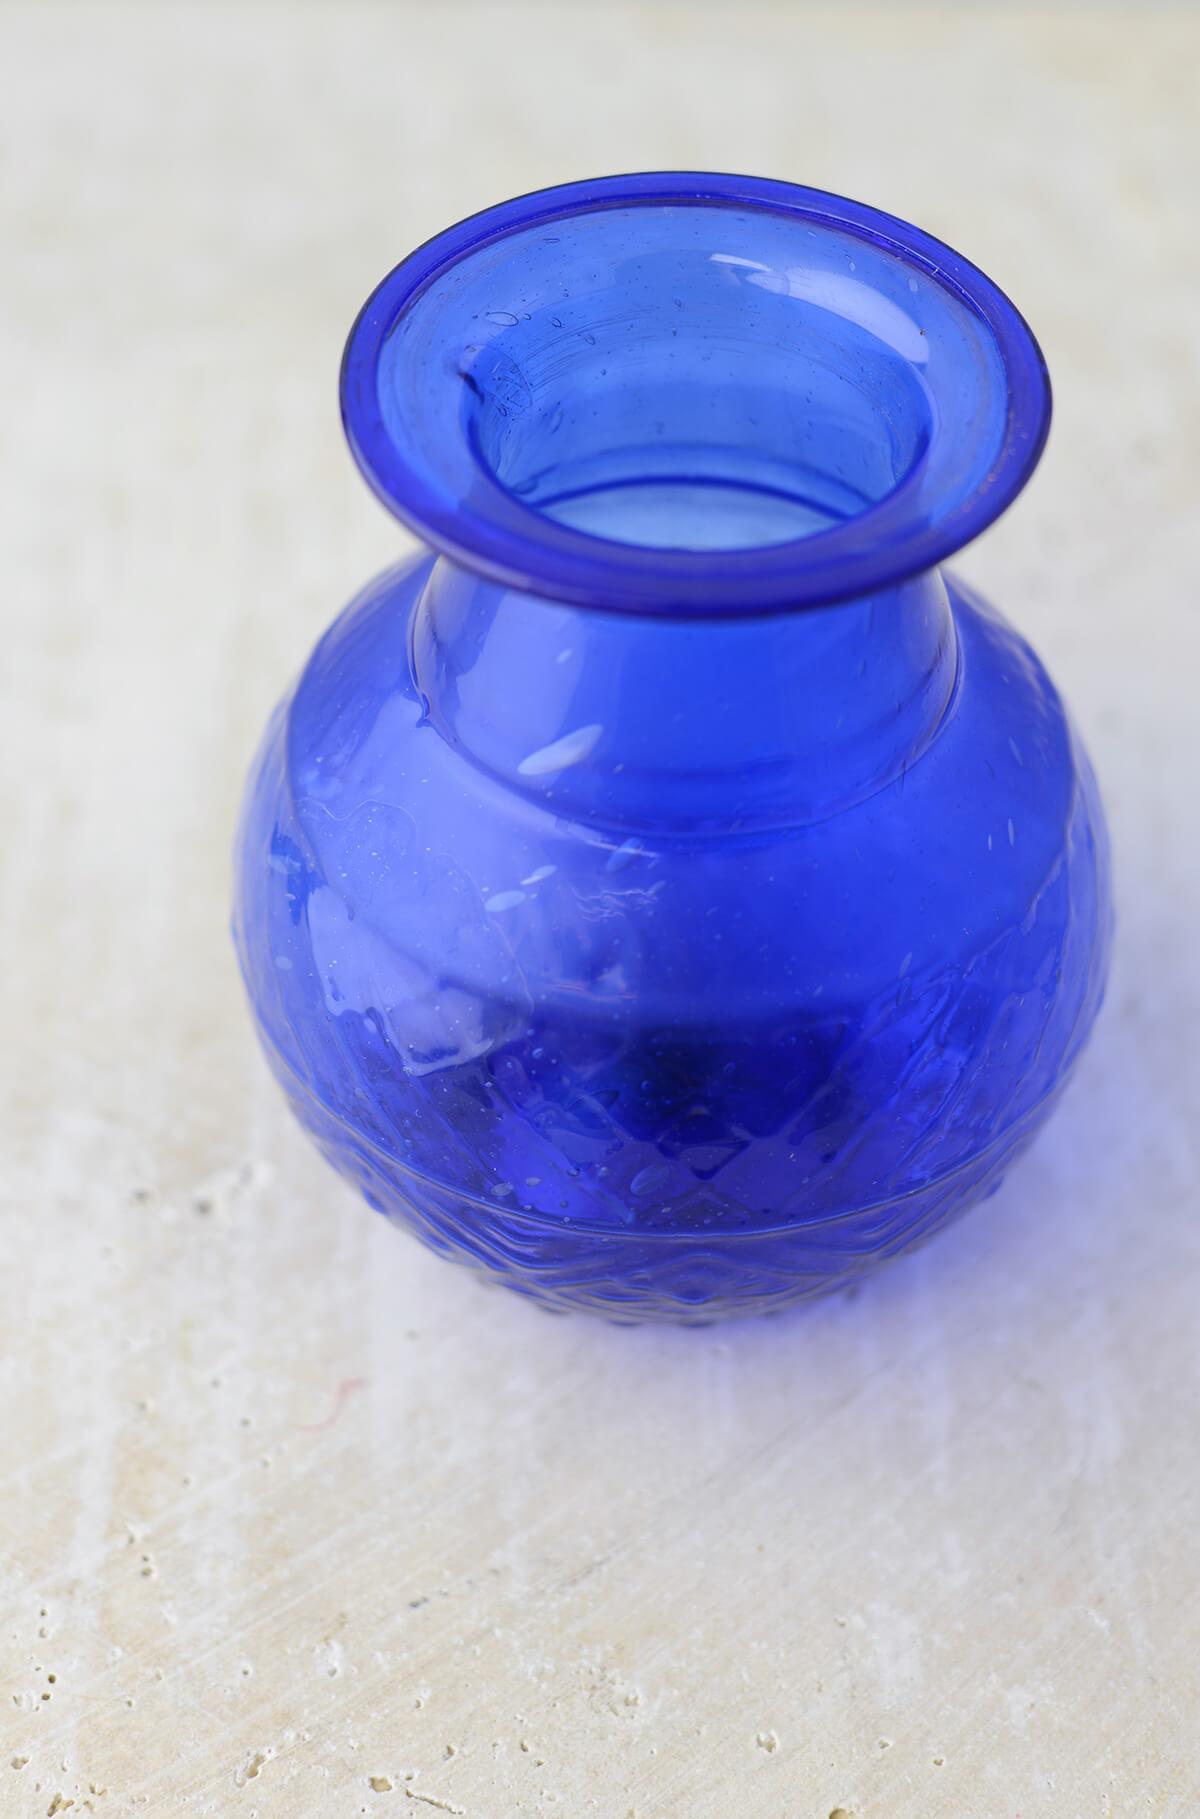 Blue glass 5 vase cobalt blue glass 5 vase floridaeventfo Image collections